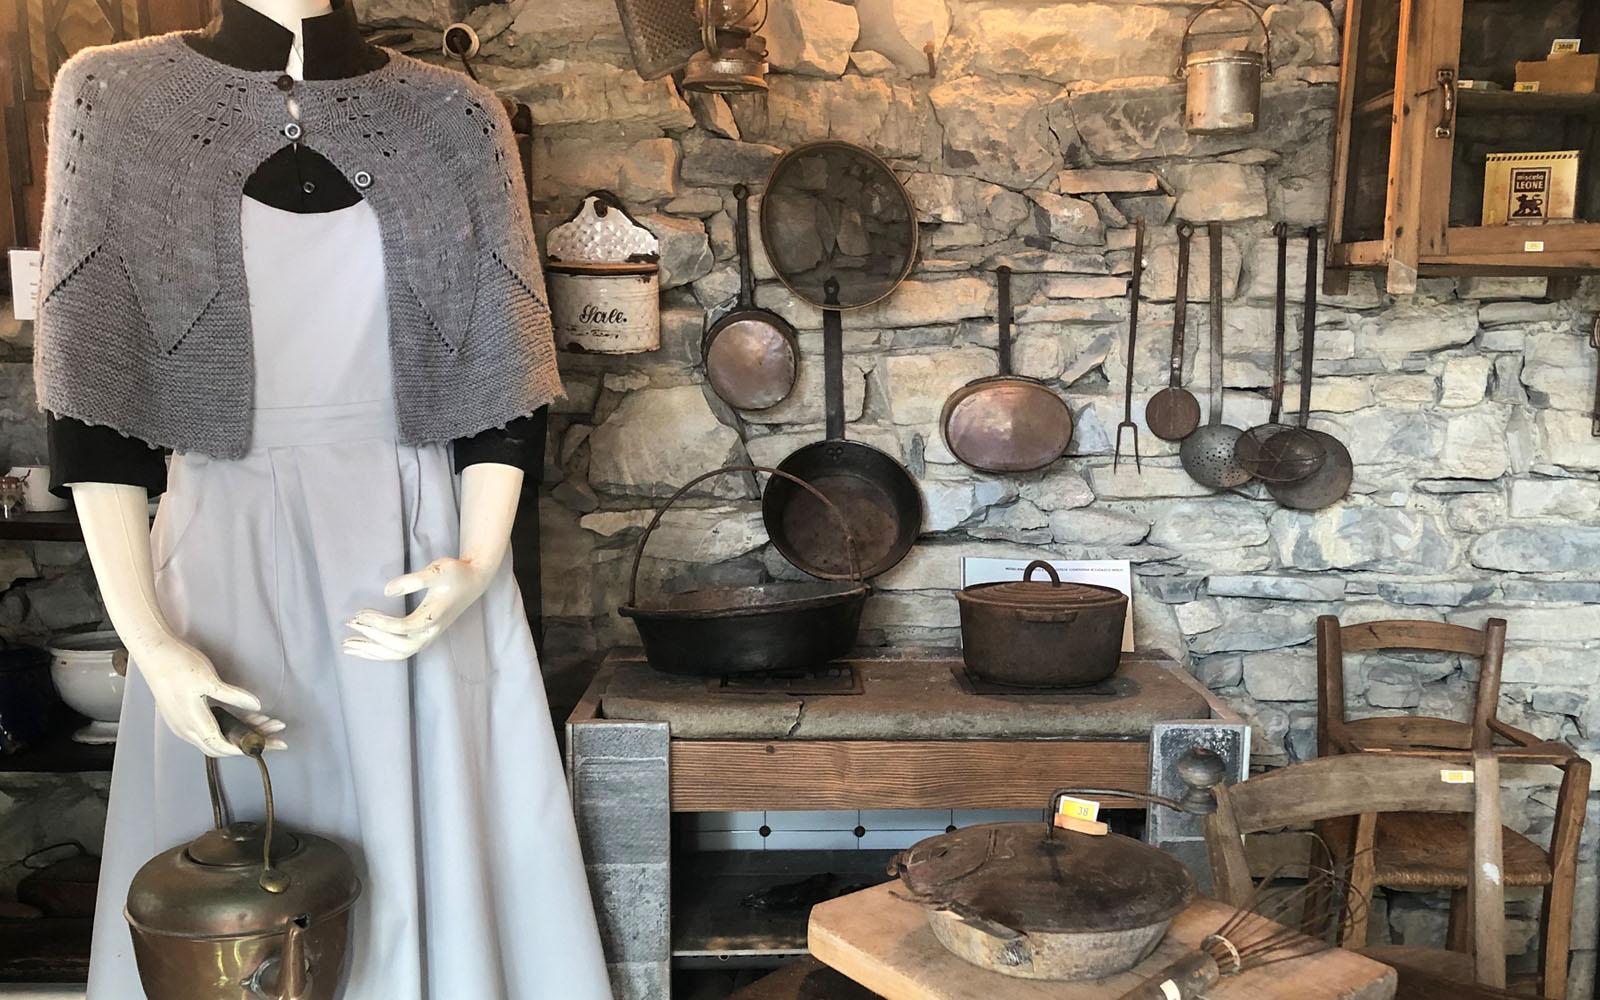 Il Museo Etnografico della Civiltà Contadina in Valle Intelvi. © oltreilbalcone